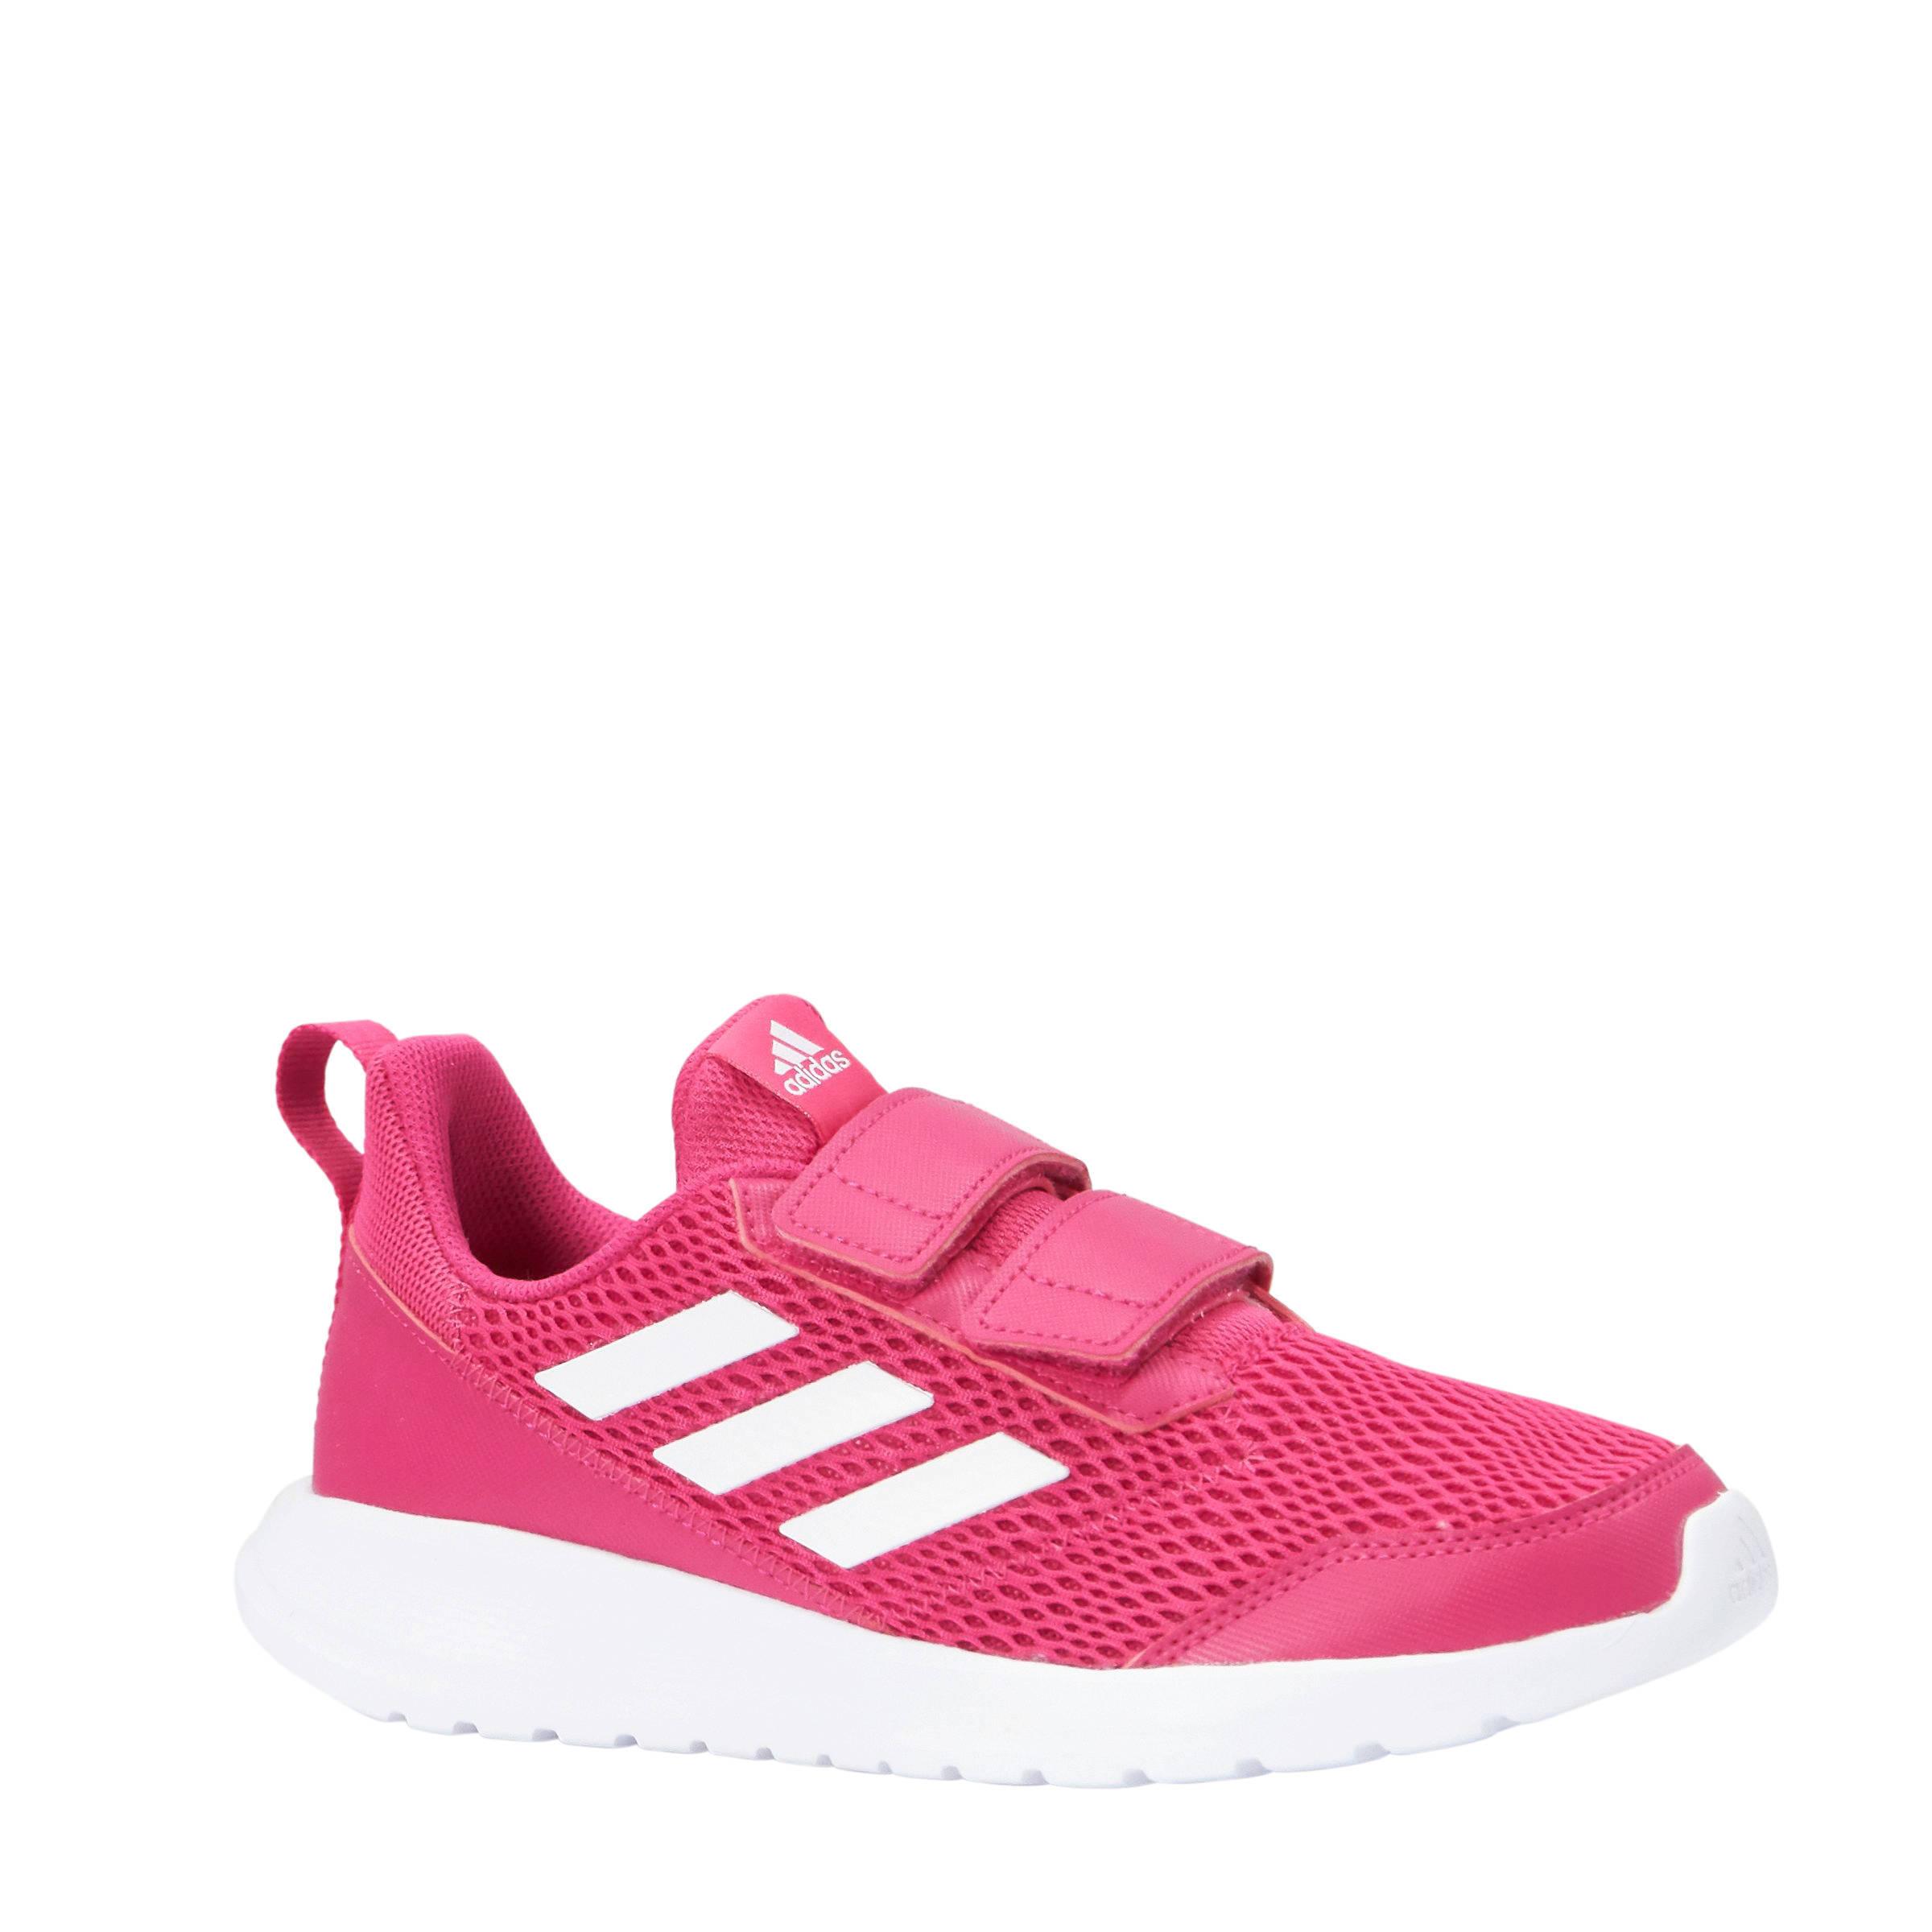 adidas sportieve sneakers kinderen bij wehkamp Gratis